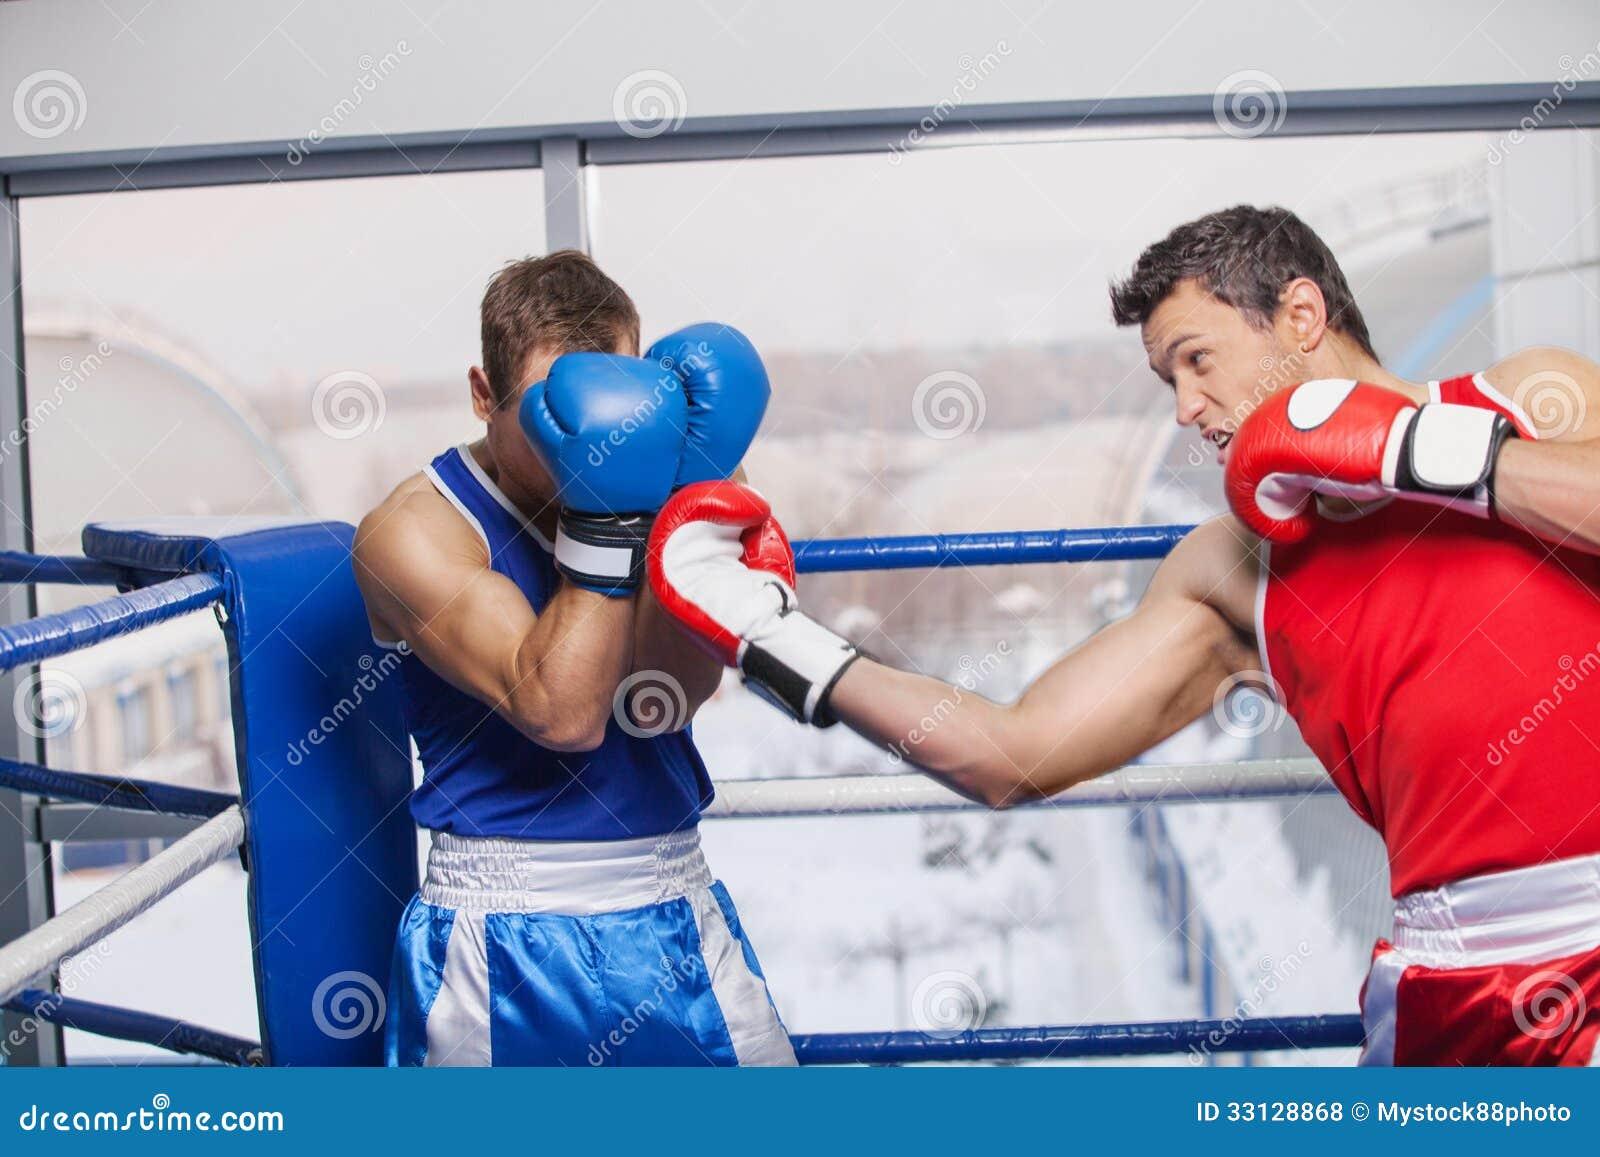 Mężczyzna boksować.